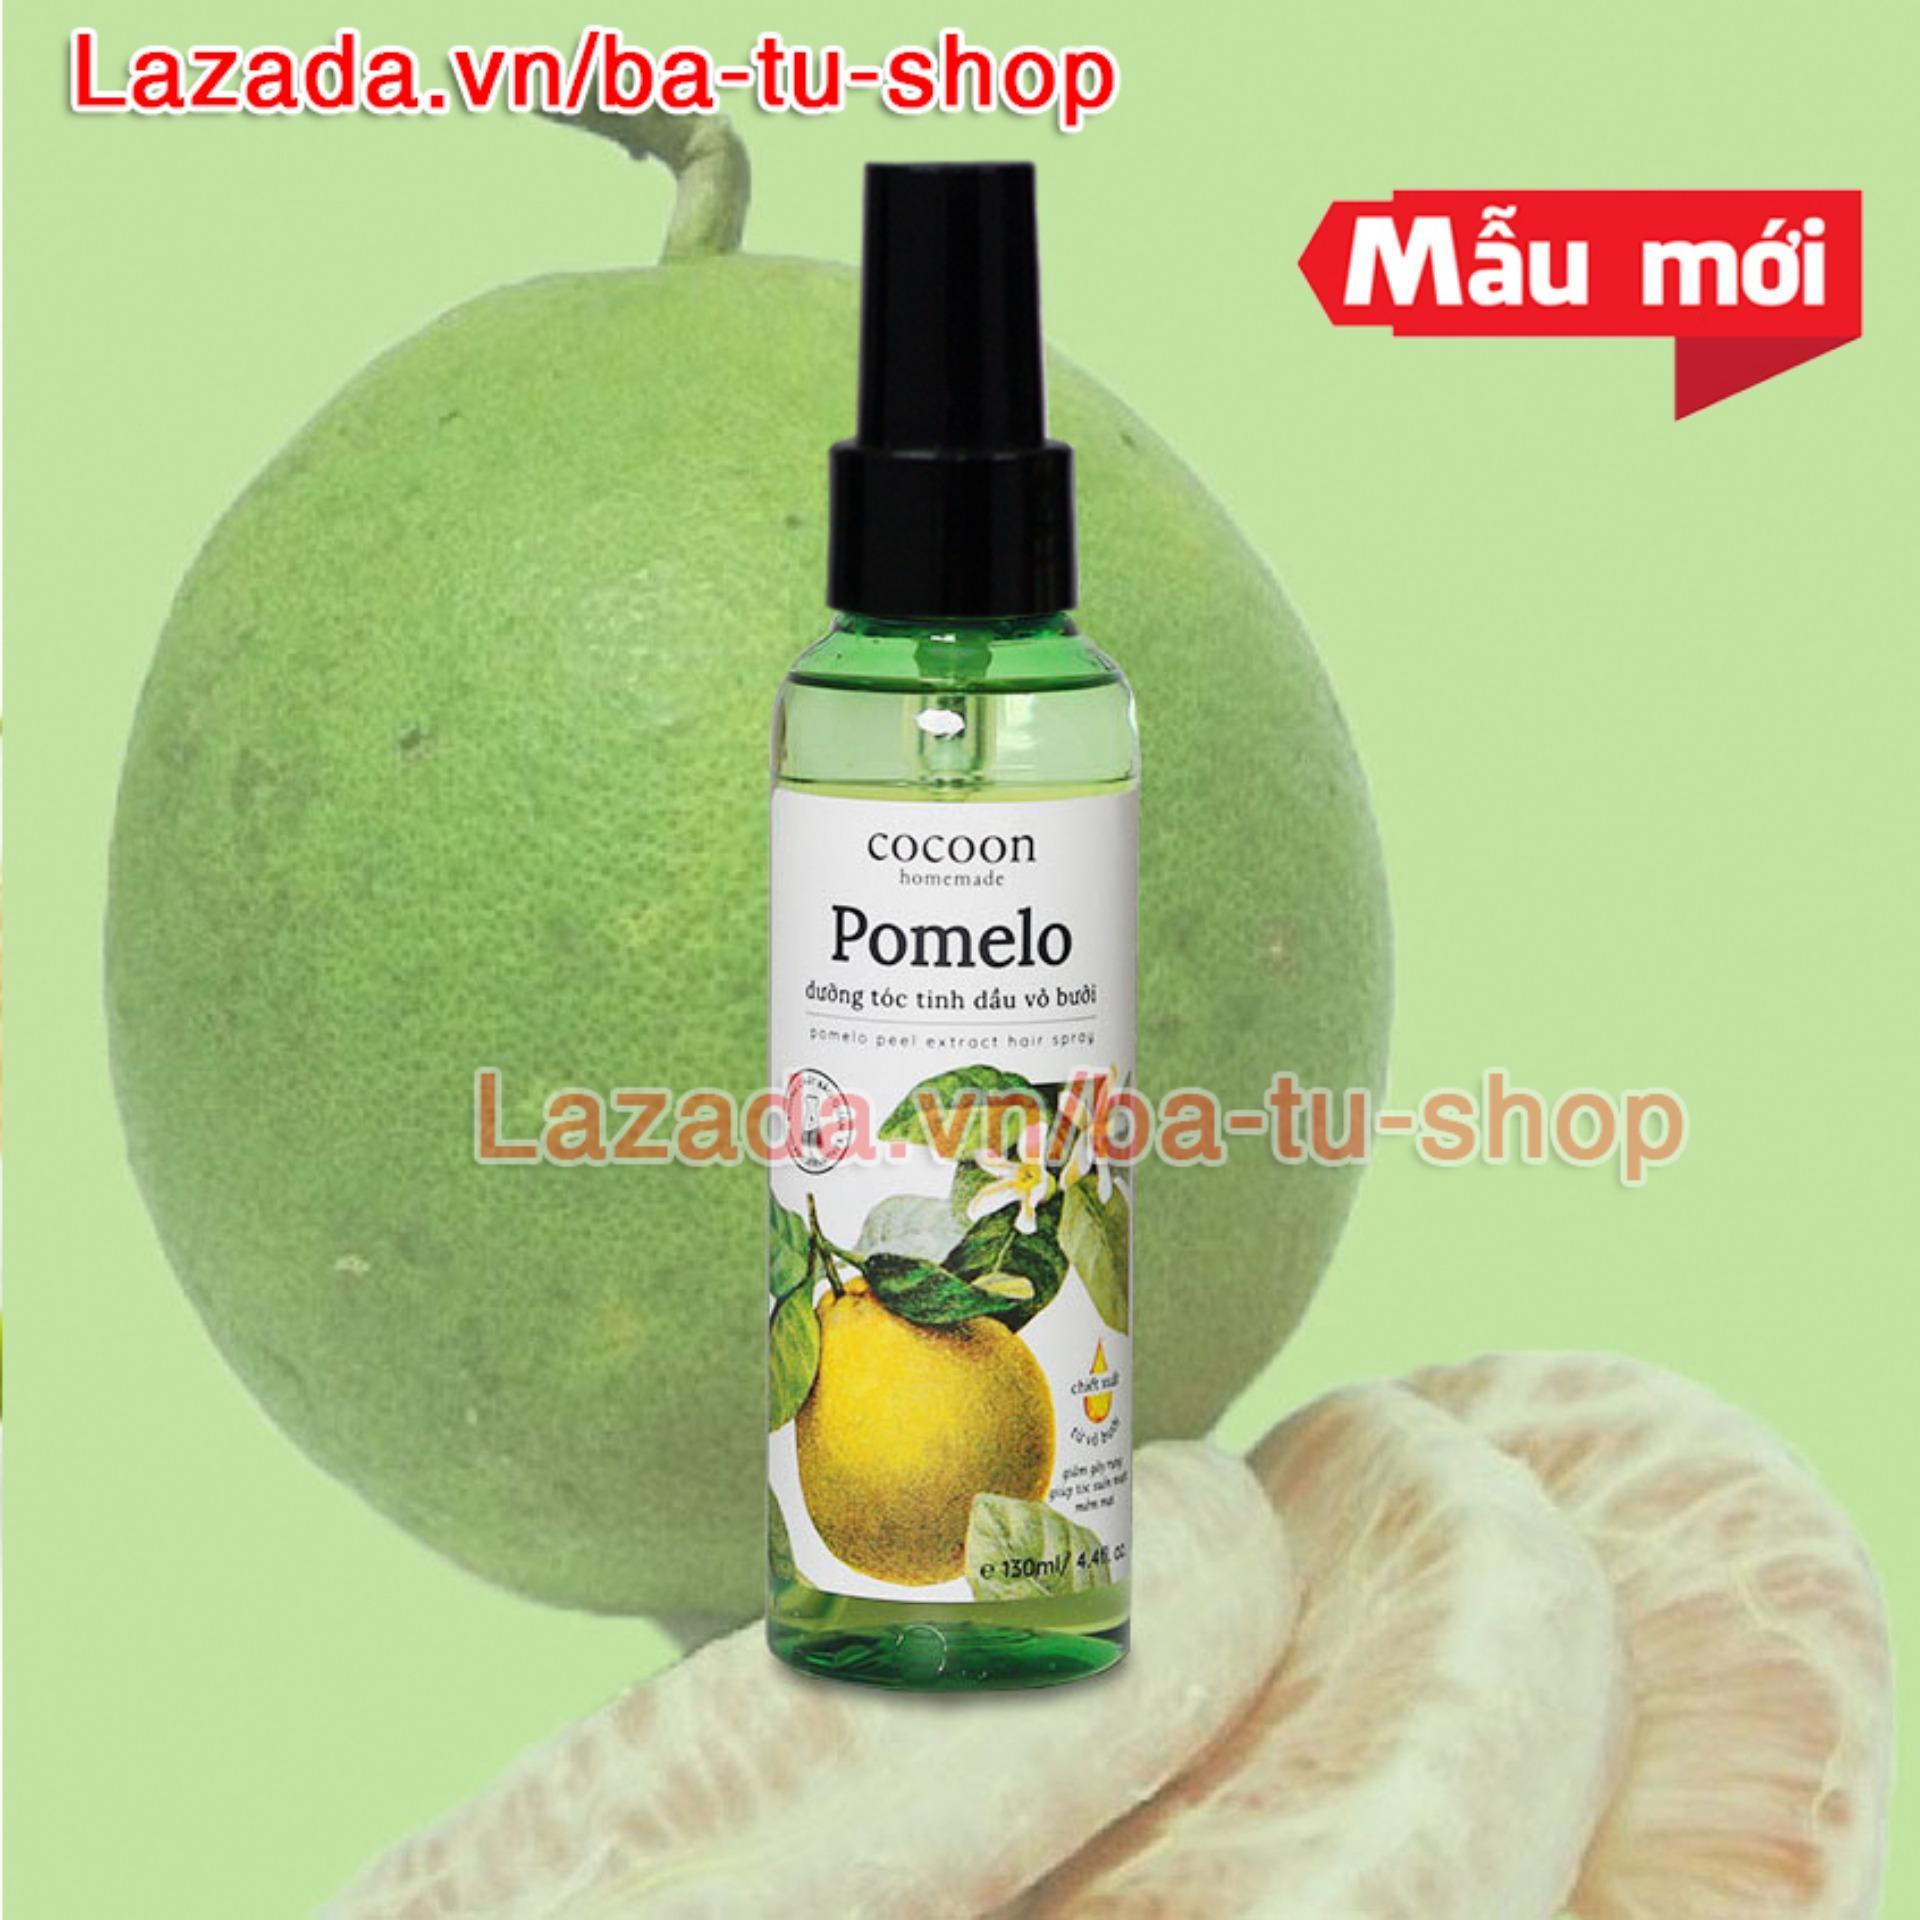 Xịt tóc tinh dầu vỏ bưởi trị rụng tóc Pomelo Cocoon 130ml nhập khẩu